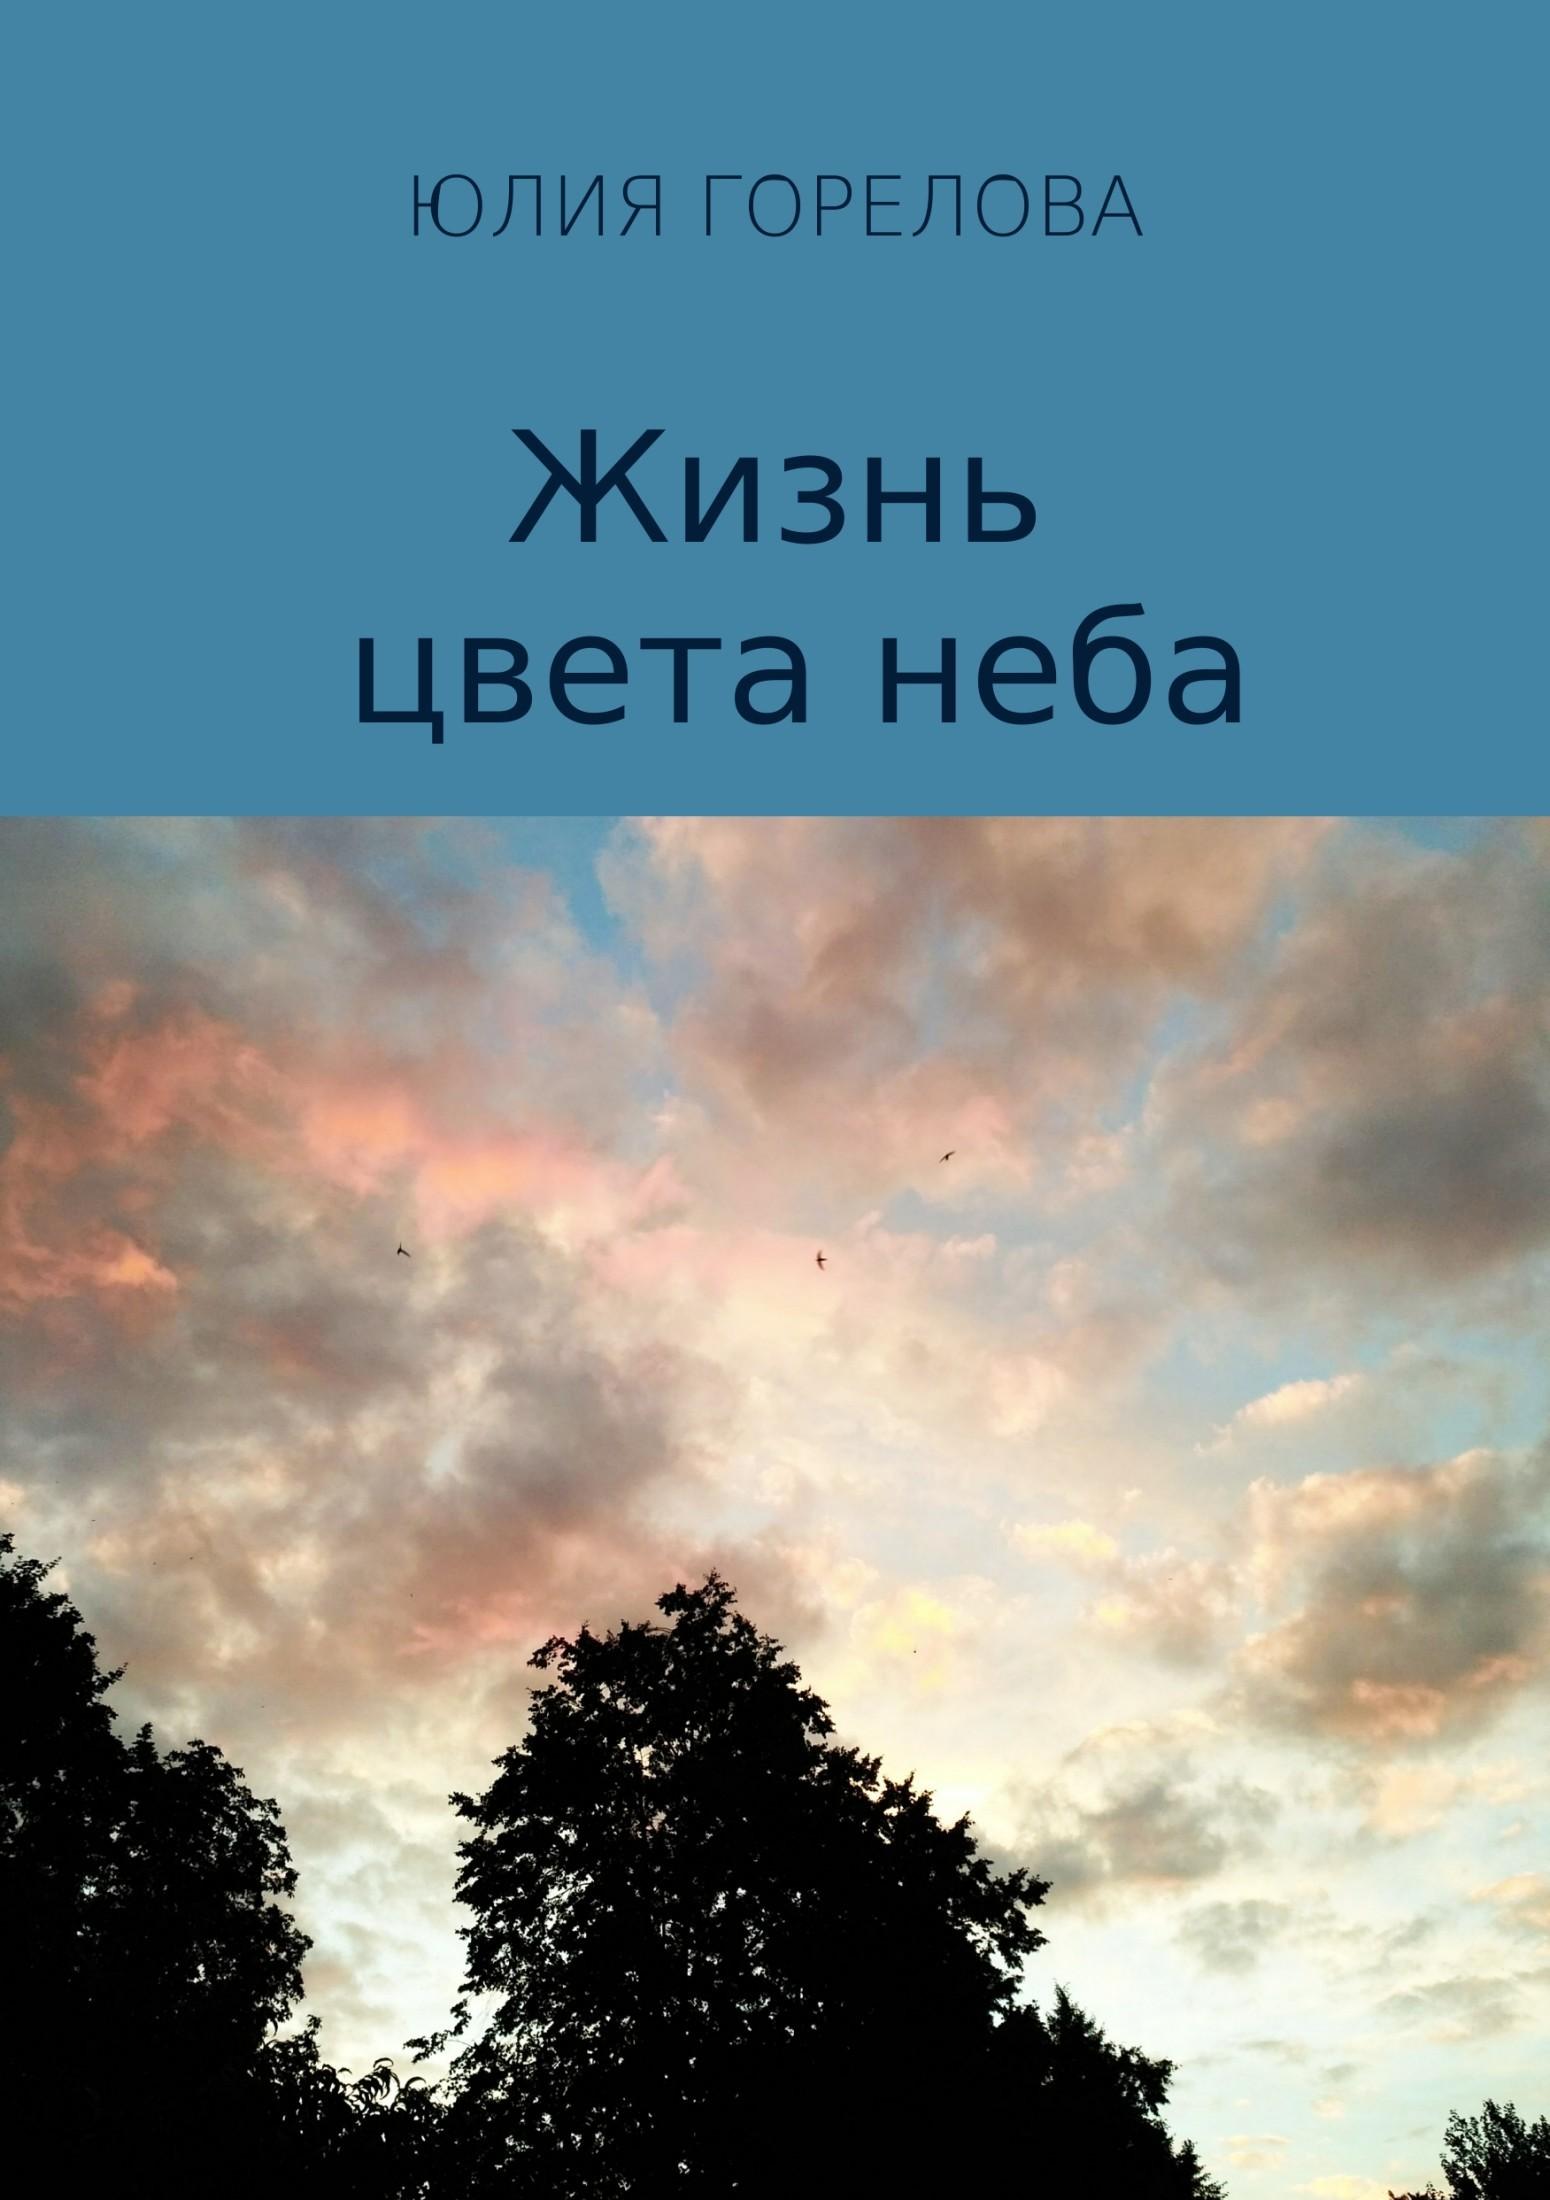 Юлия Семёновна Горелова бесплатно